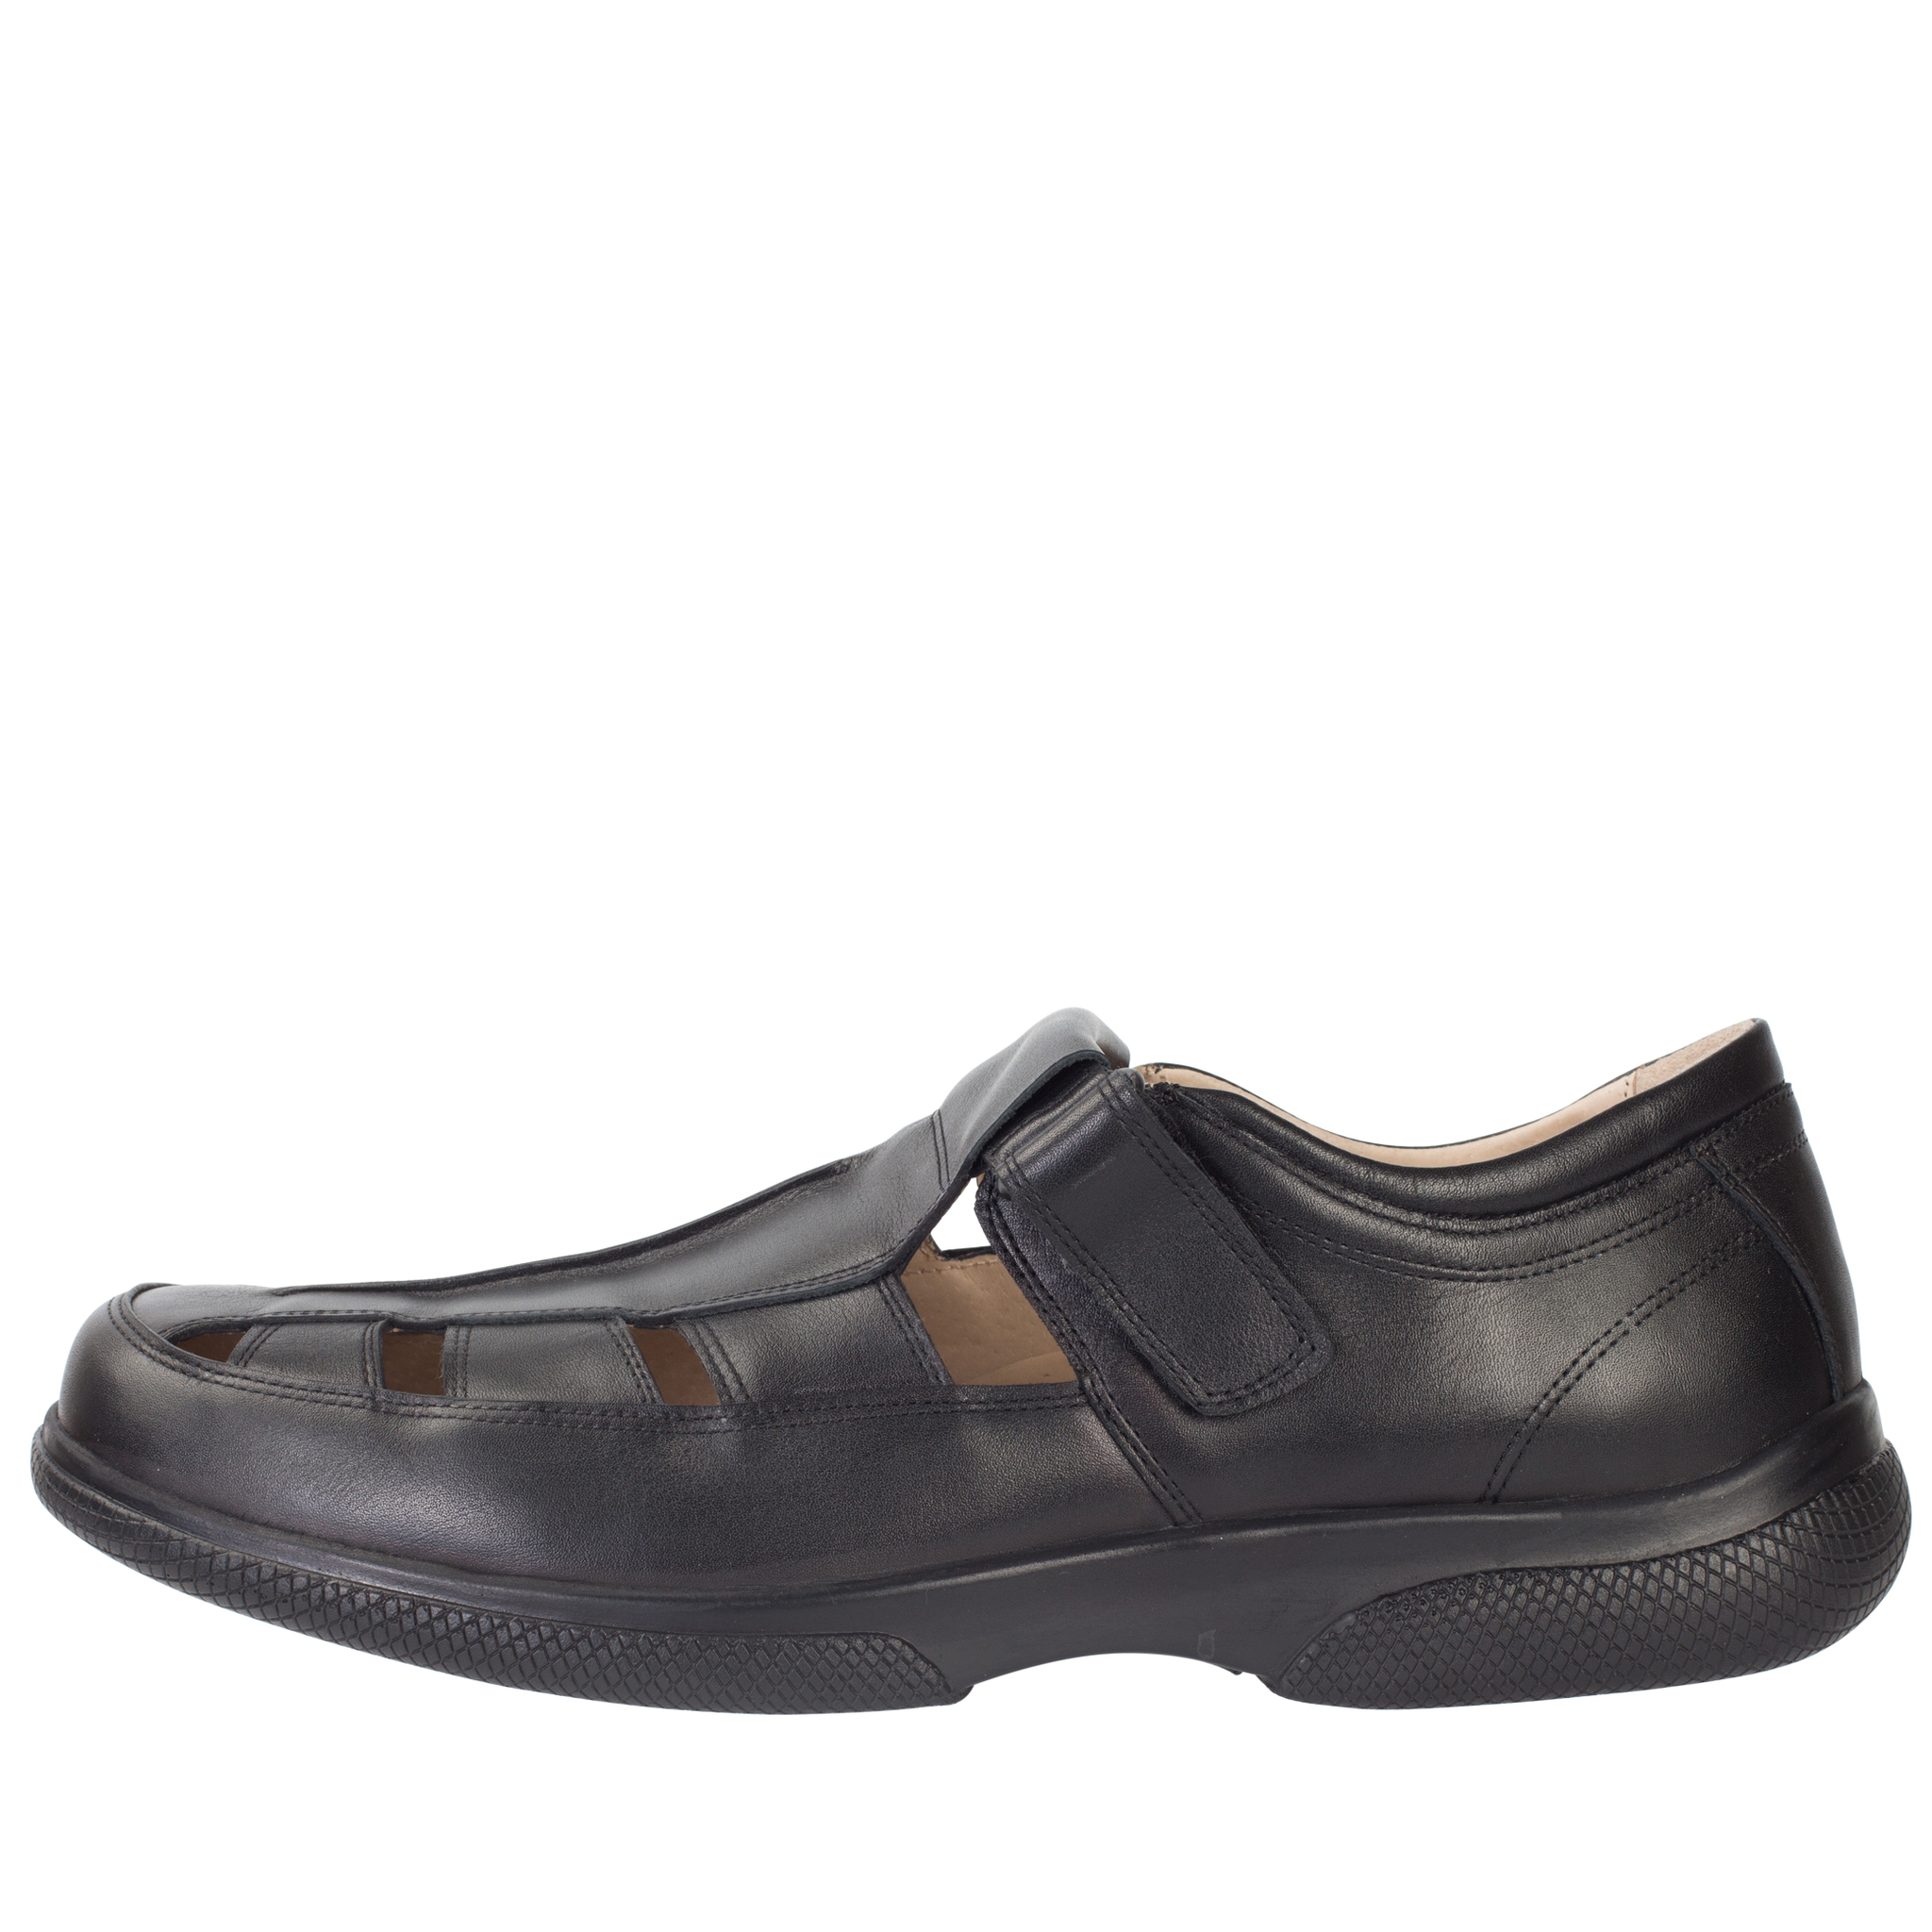 529367 сандалии мужские больших размеров марки Делфино